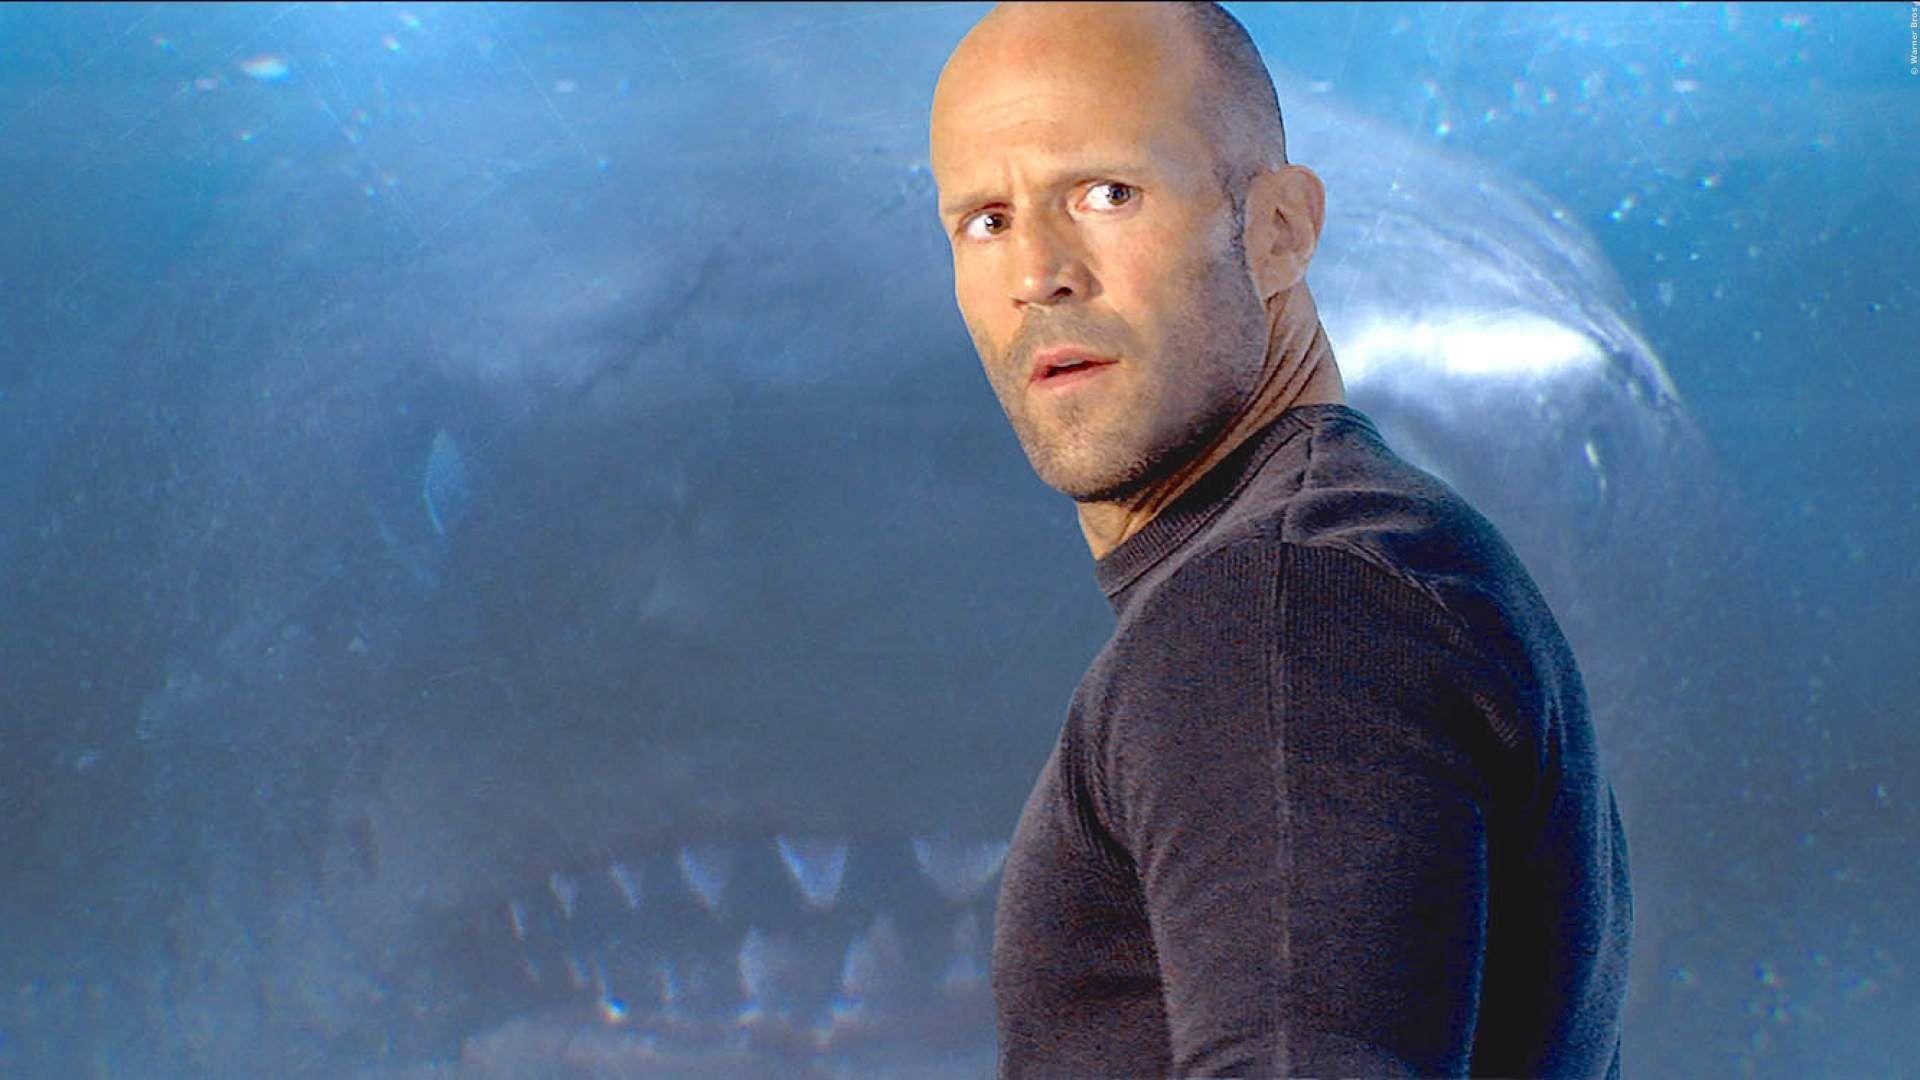 Gigantisch Sogar Jason Statham Ist Geschockt Der Erste Trailer Zum Neuen Film Jason Statham Jason Statham Filme Filme Sehen